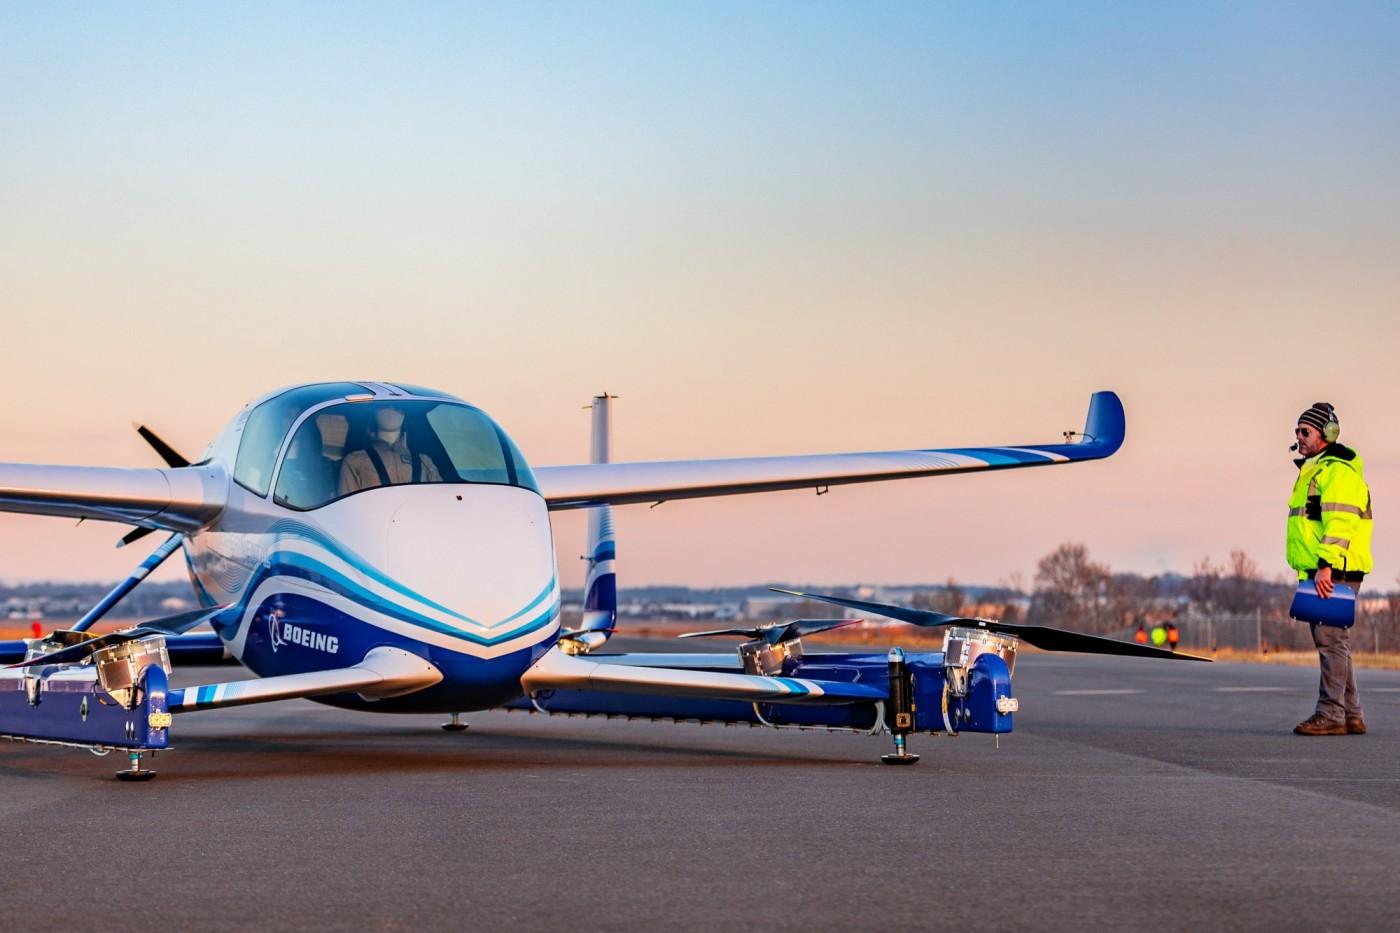 波音飛天車首次試飛成功,下一步制定3D空中交通管制